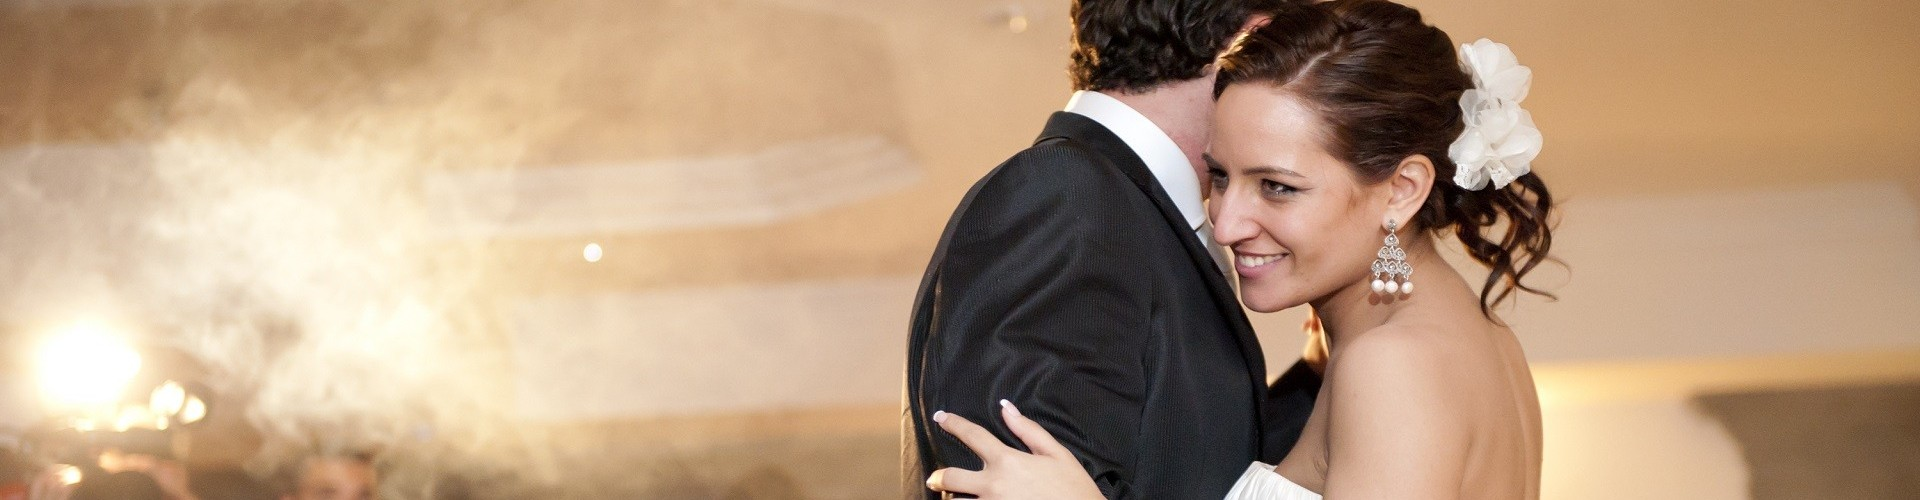 Fotografisanje i snimanje venčanja